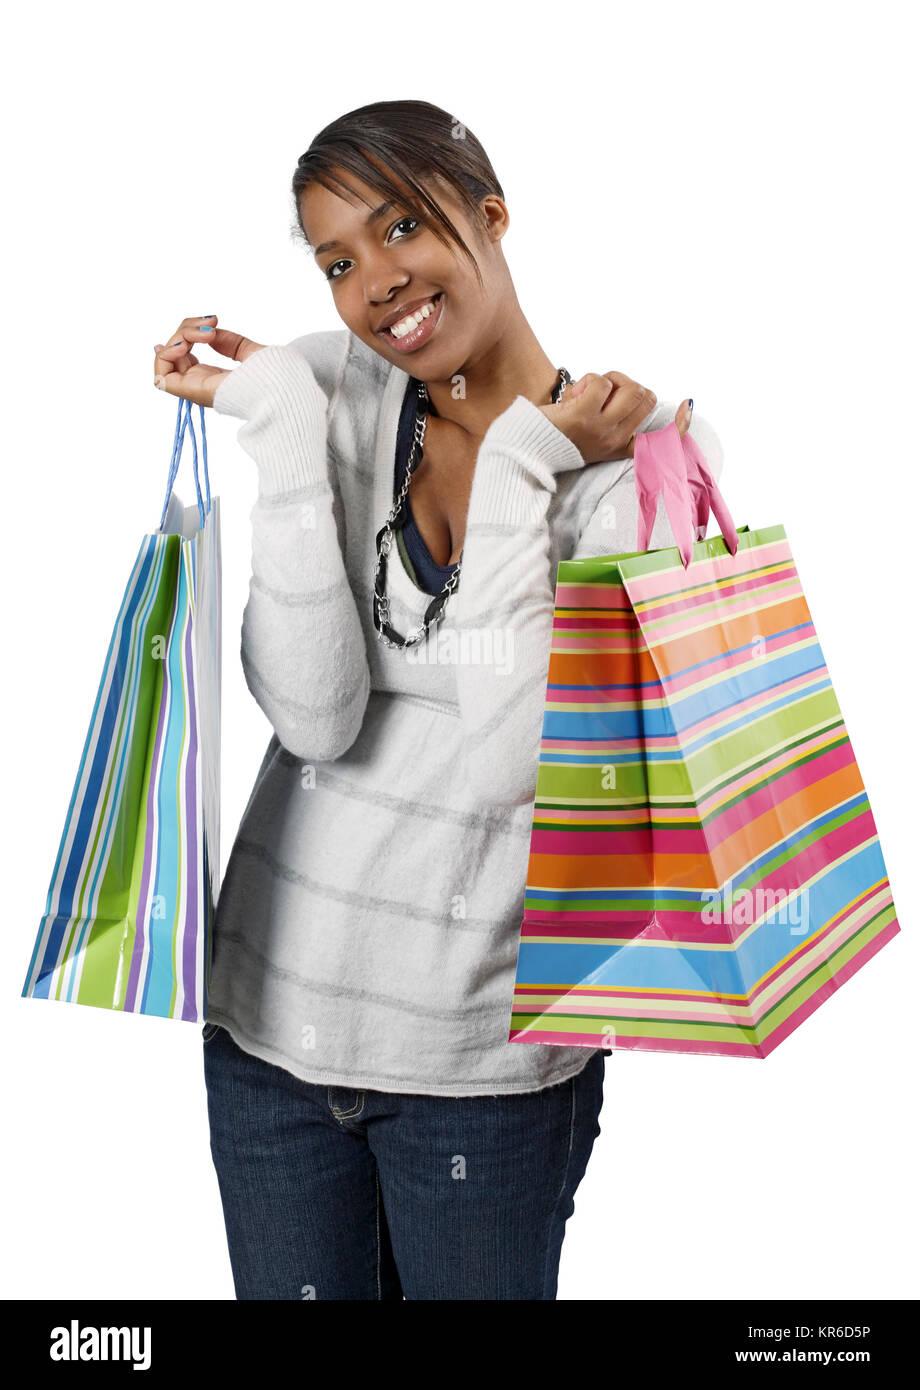 Un felice shopping ragazza sacchetti di contenimento e sorridente selvaggiamente circa il suo rabbioso il consumismo. Foto Stock